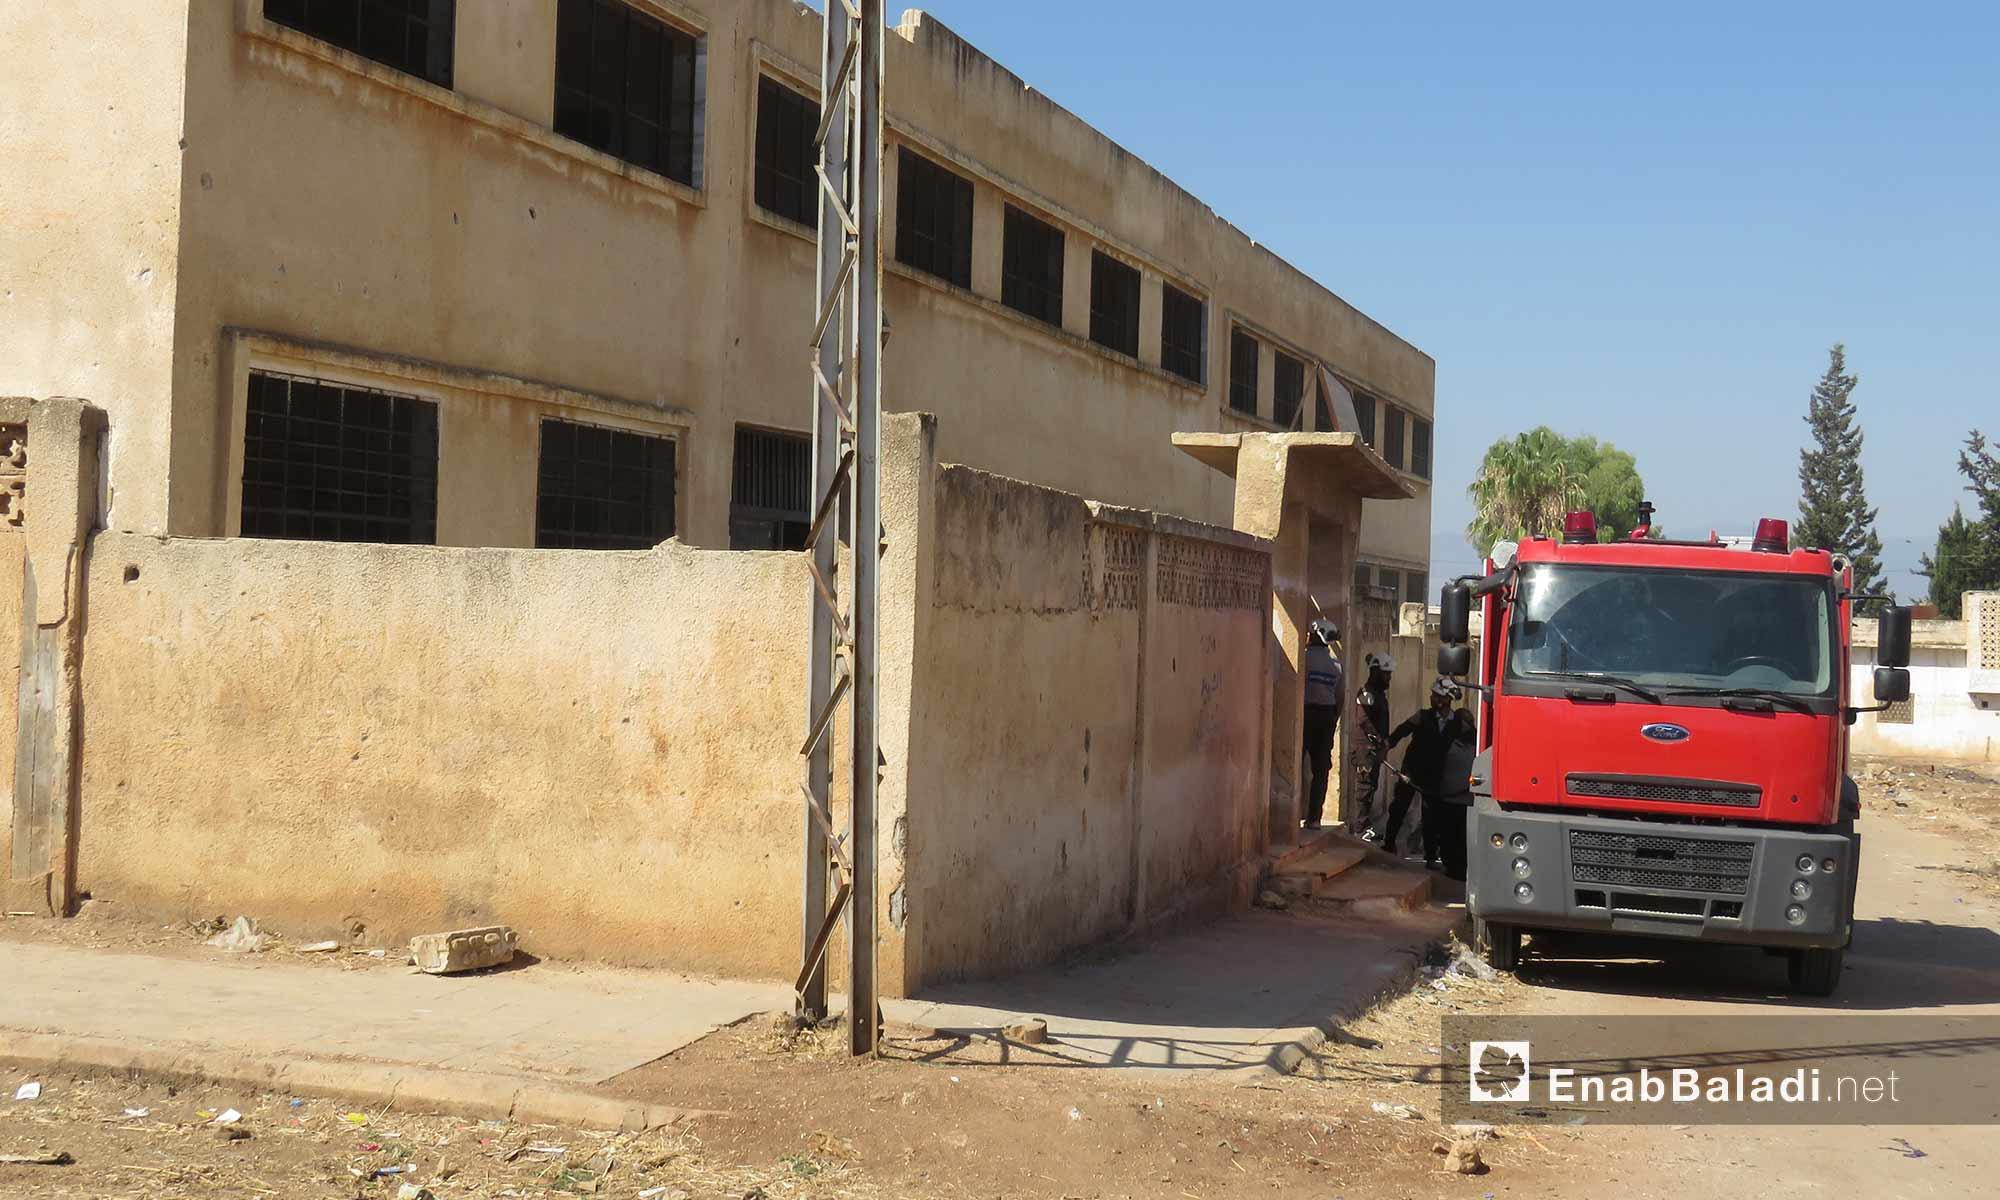 """الدفاع المدني يقوم بحملة """"أطفالنا أملنا"""" لإعادة تأهيل المدارس المتضررة وتجهيزها للعام الدراسي الجديد في ريف حماة الغربي - 11 أيلول 2017 (عنب بلدي)"""